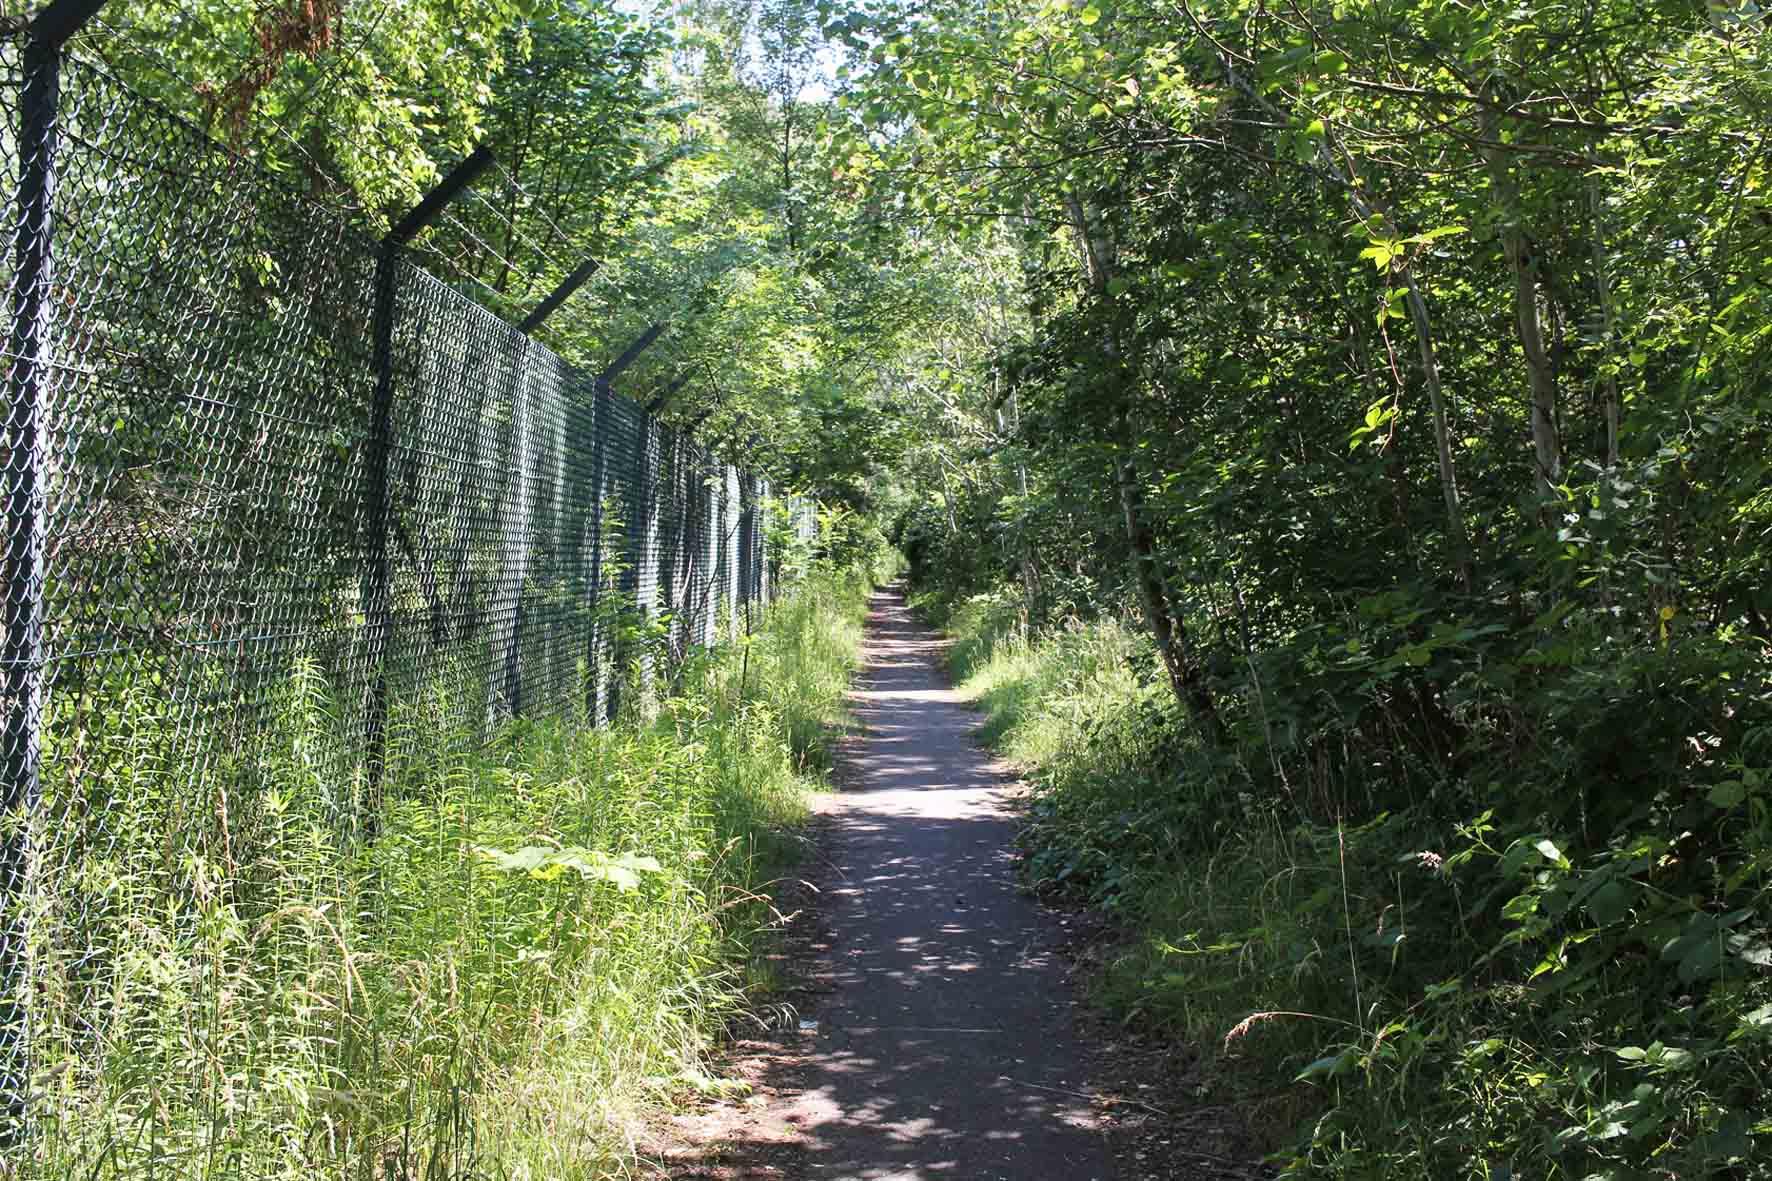 Ein Weg und der Grenzzaun parallel zur ehemalige Route der Berliner Mauer am Parks Range und Doughboy City - ein ehemaliger Truppenübungsplatz der US Army Berlin Brigade